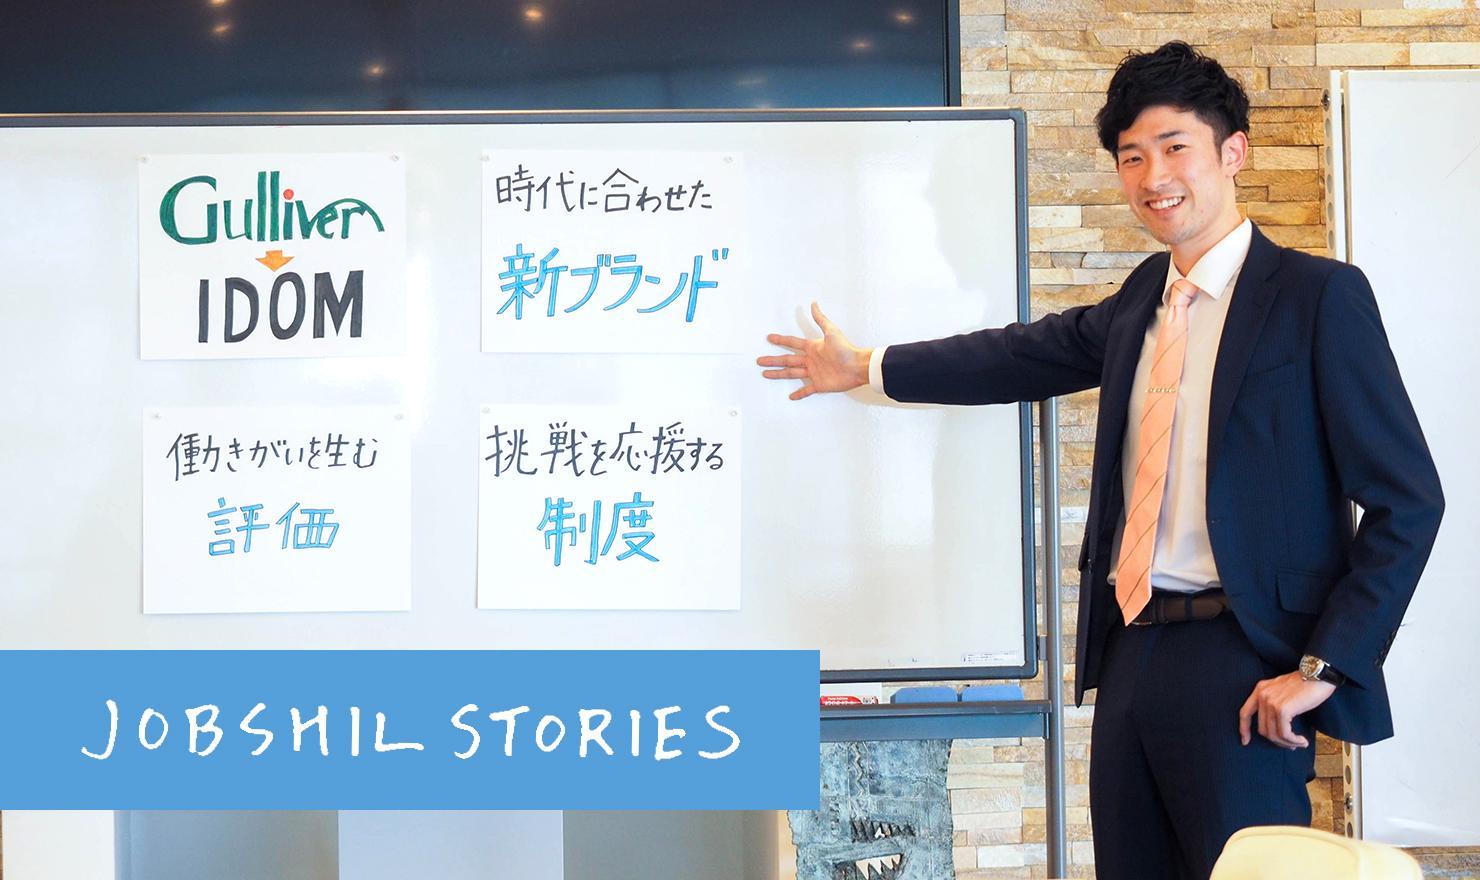 挑戦する人を応援する会社、IDOMの制度について紹介します!|IDOM【PR】